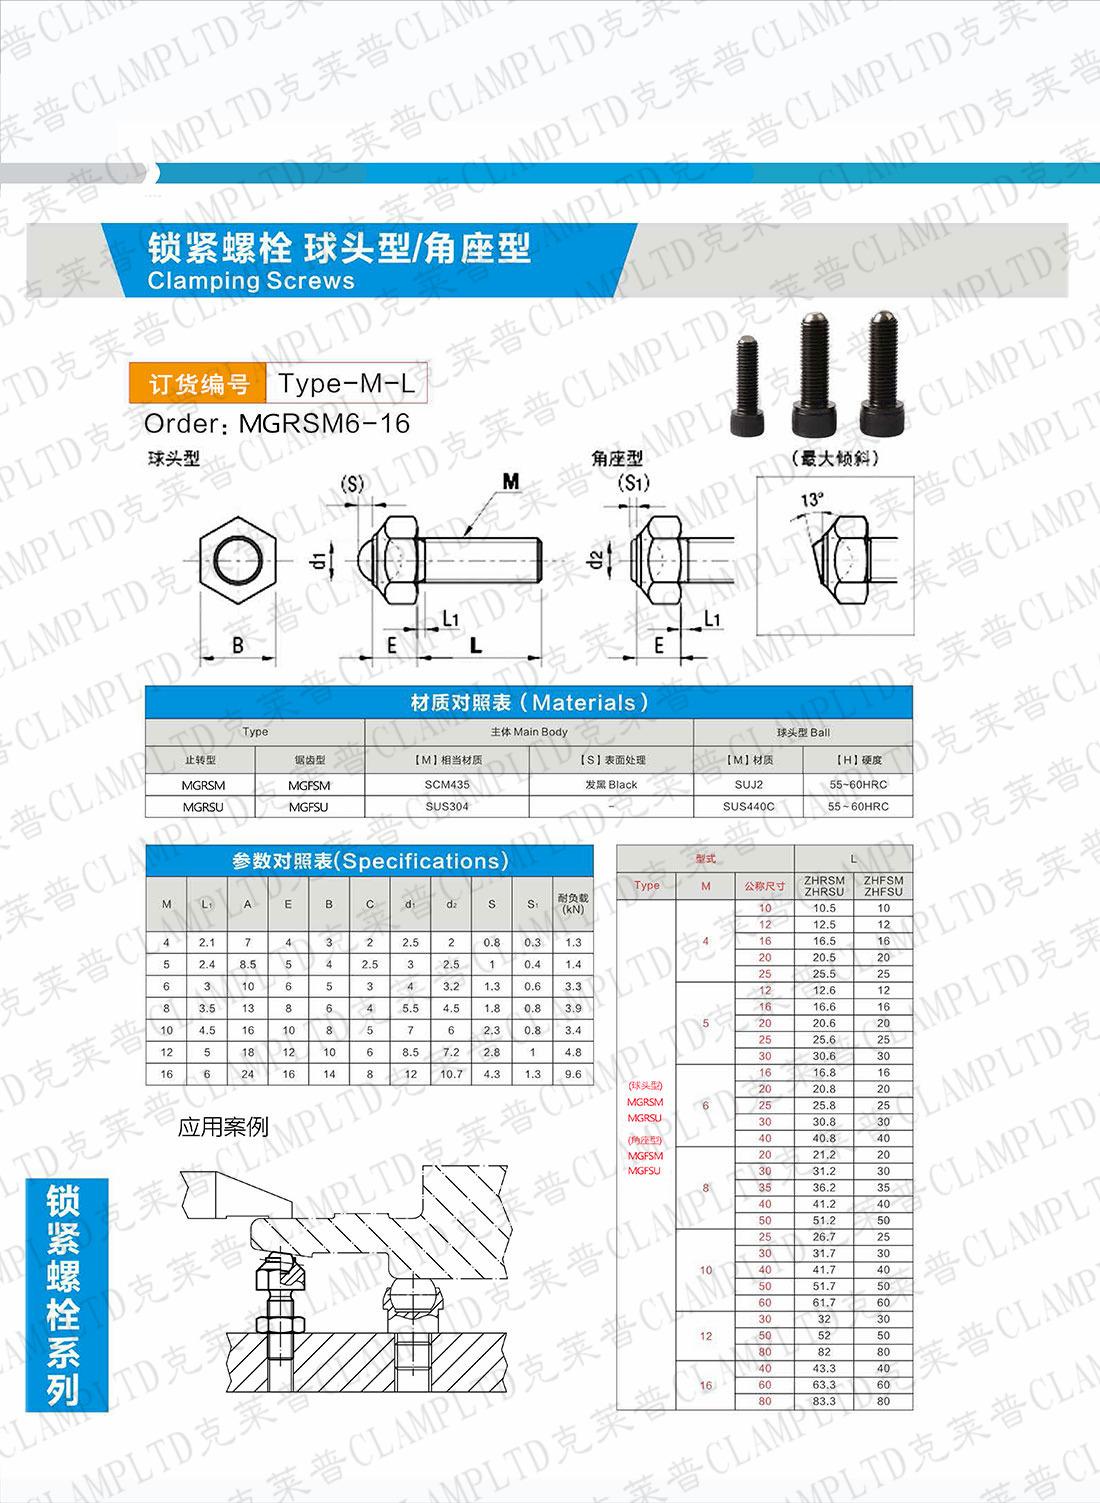 锁紧螺栓 球头型/角座型丨锁紧螺栓系列 夹具附件 第1张